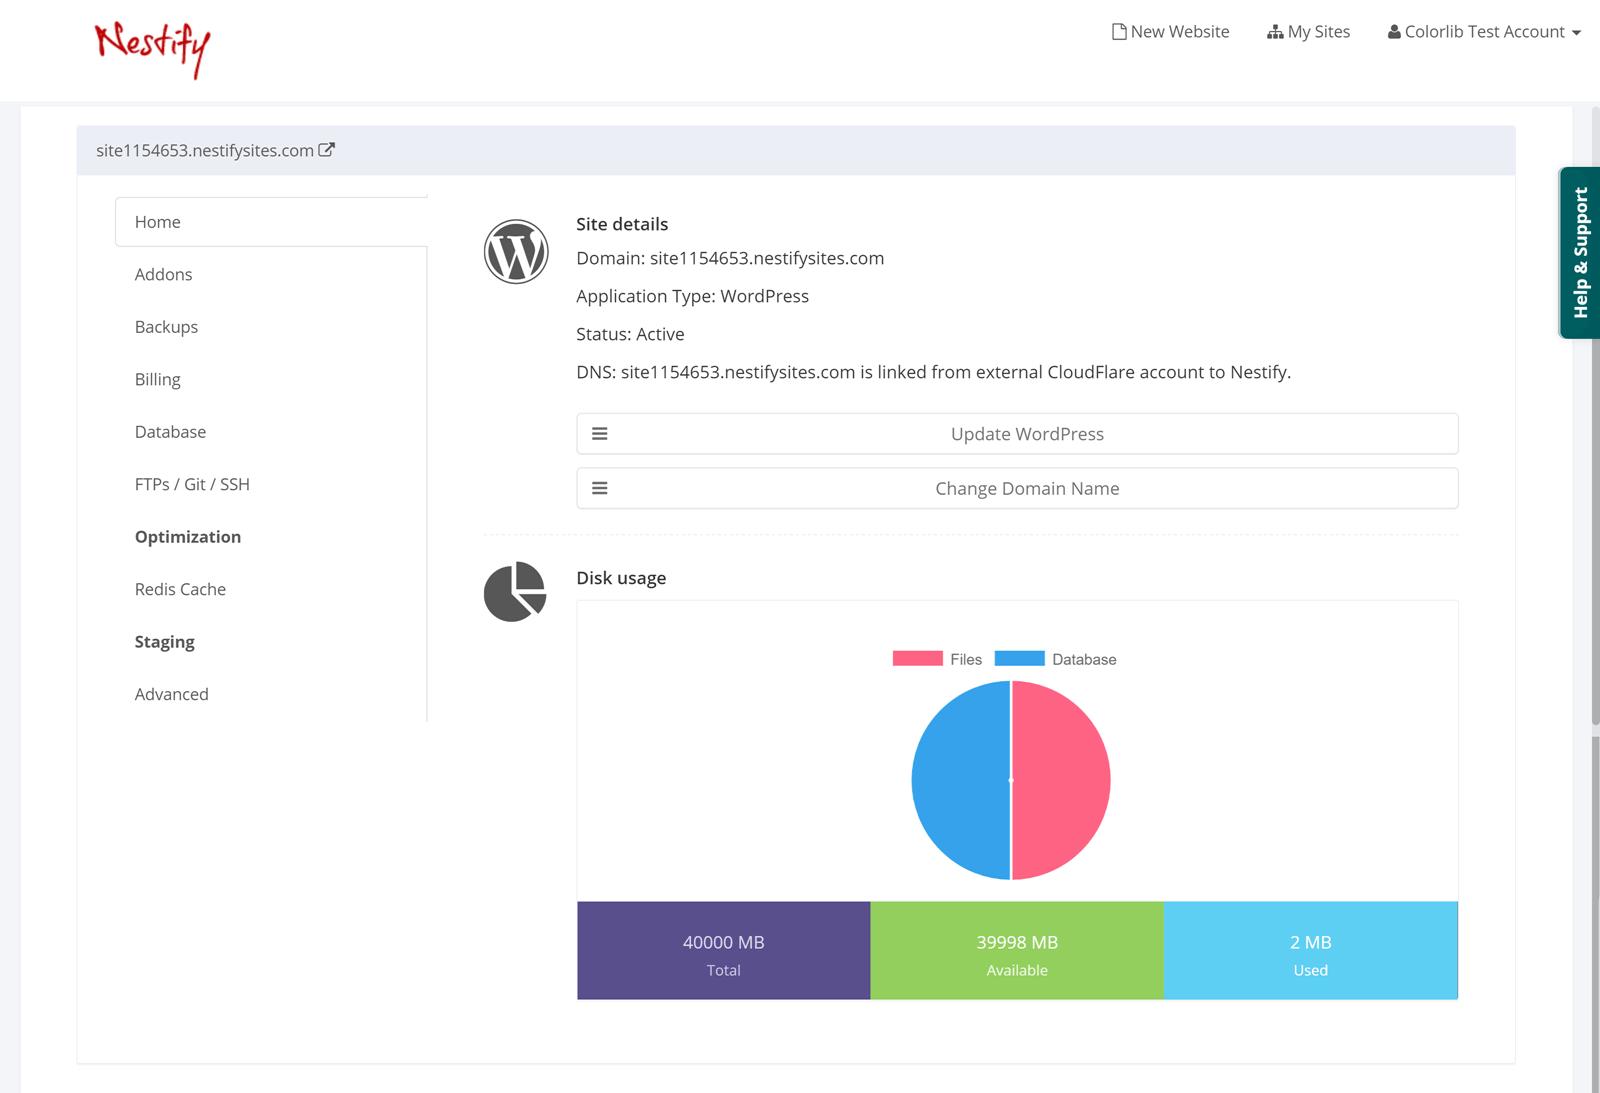 Nestify Account Dash